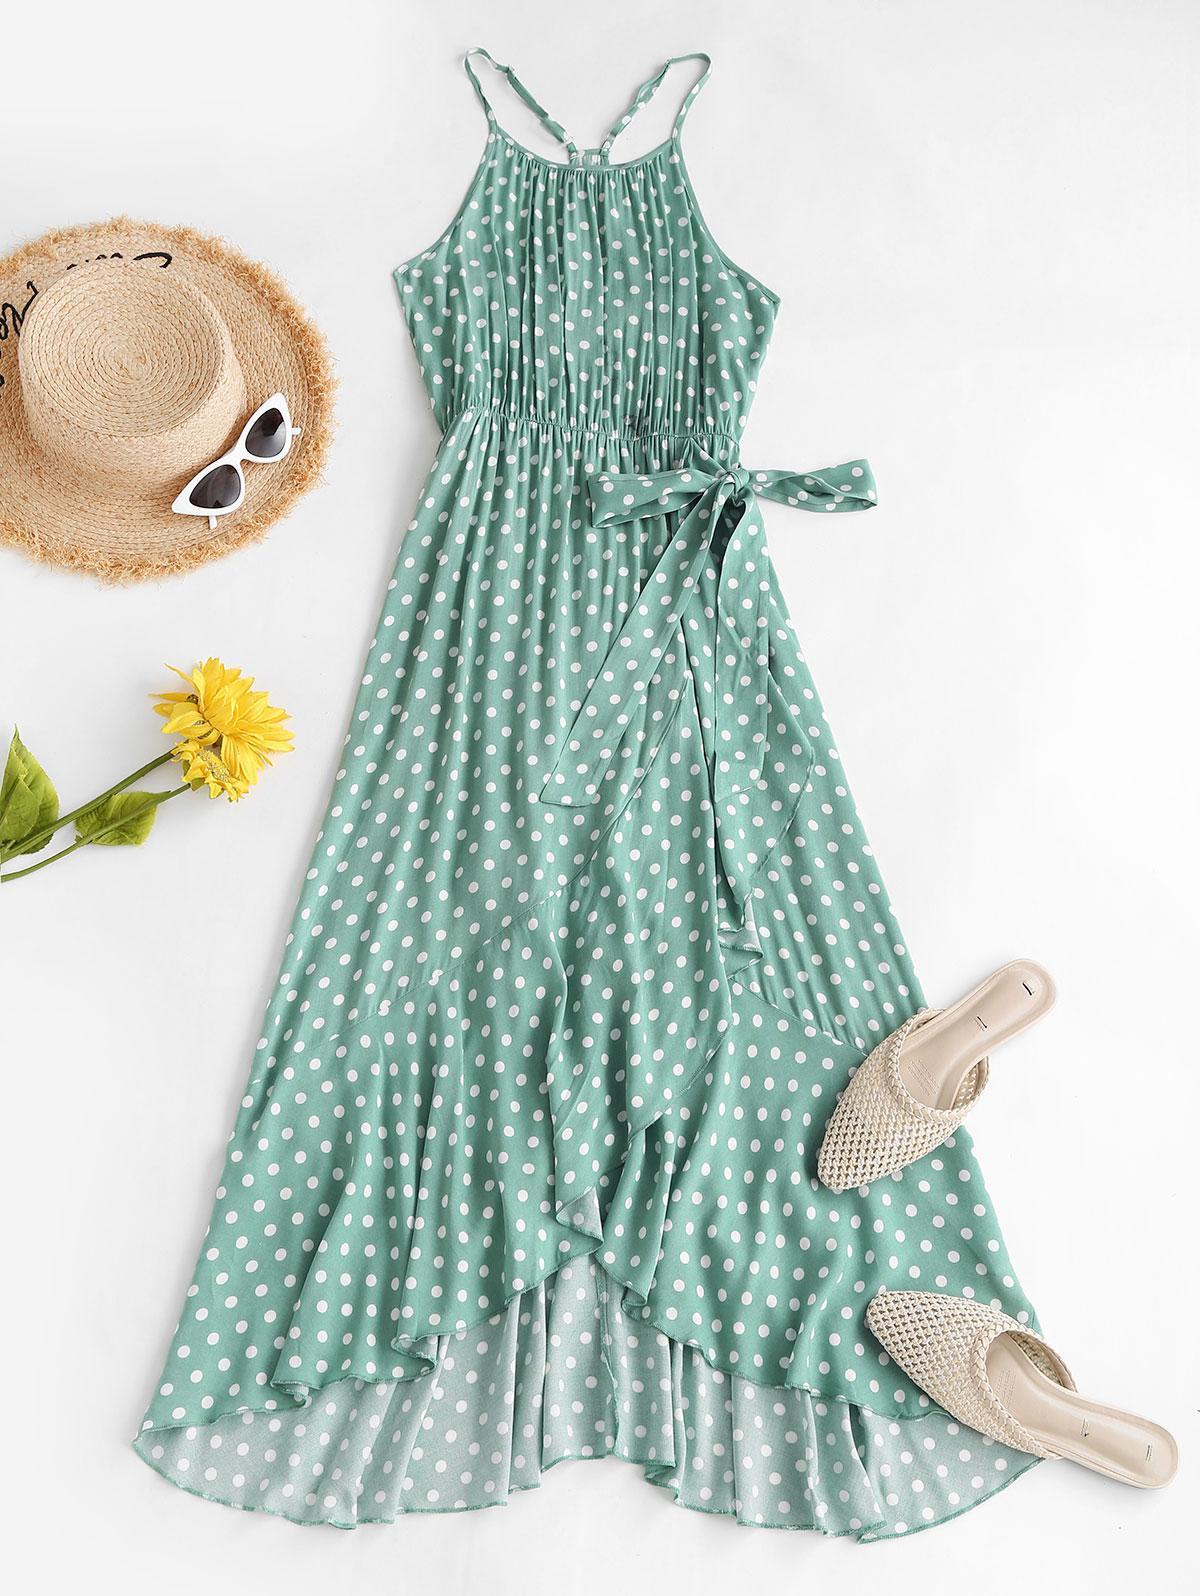 Polka Dot Ruffles Tie Waist Midi Dress